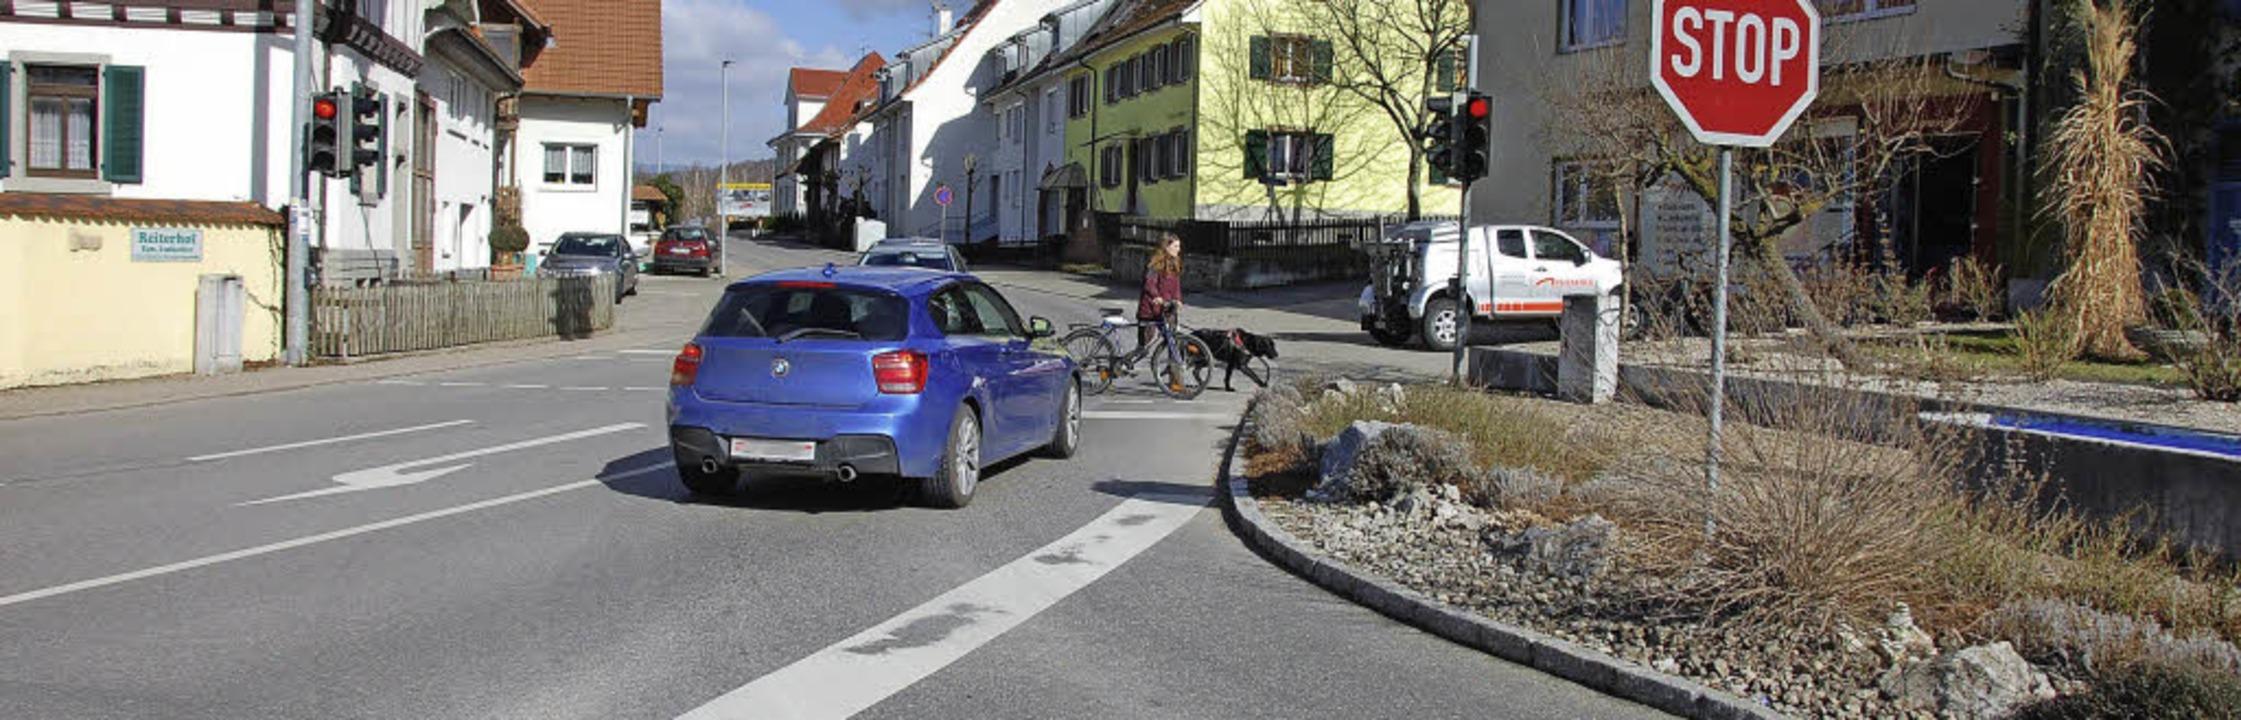 Beim Rechtsabbiegen von der Lörracher ...Zusatzlicht soll dies nun verhindern.   | Foto: Frey